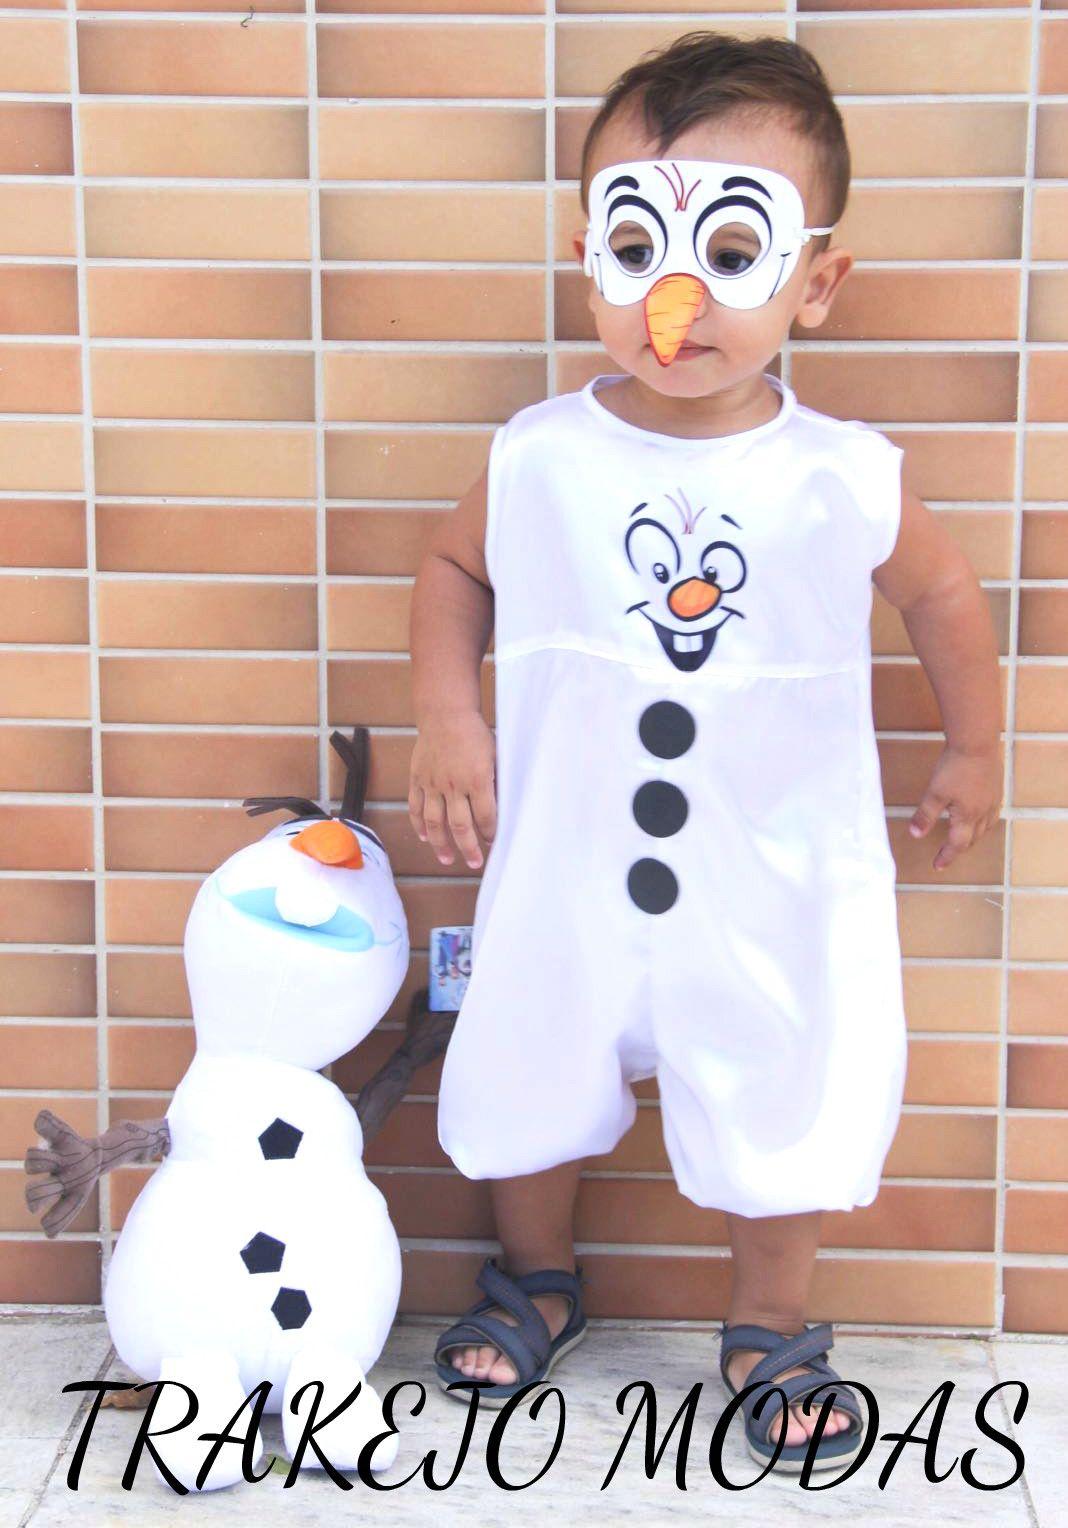 0b88690ae4 Fantasia Olaf Frozen Menino Tamanho de 2 a 6  FantasiaOlaf   FantasiaOlafFrozen  RoupaOlaf  RoupaOlafFrozen  Olaf  OlafFrozen   FantasiaDisney  FestaInfantil ...